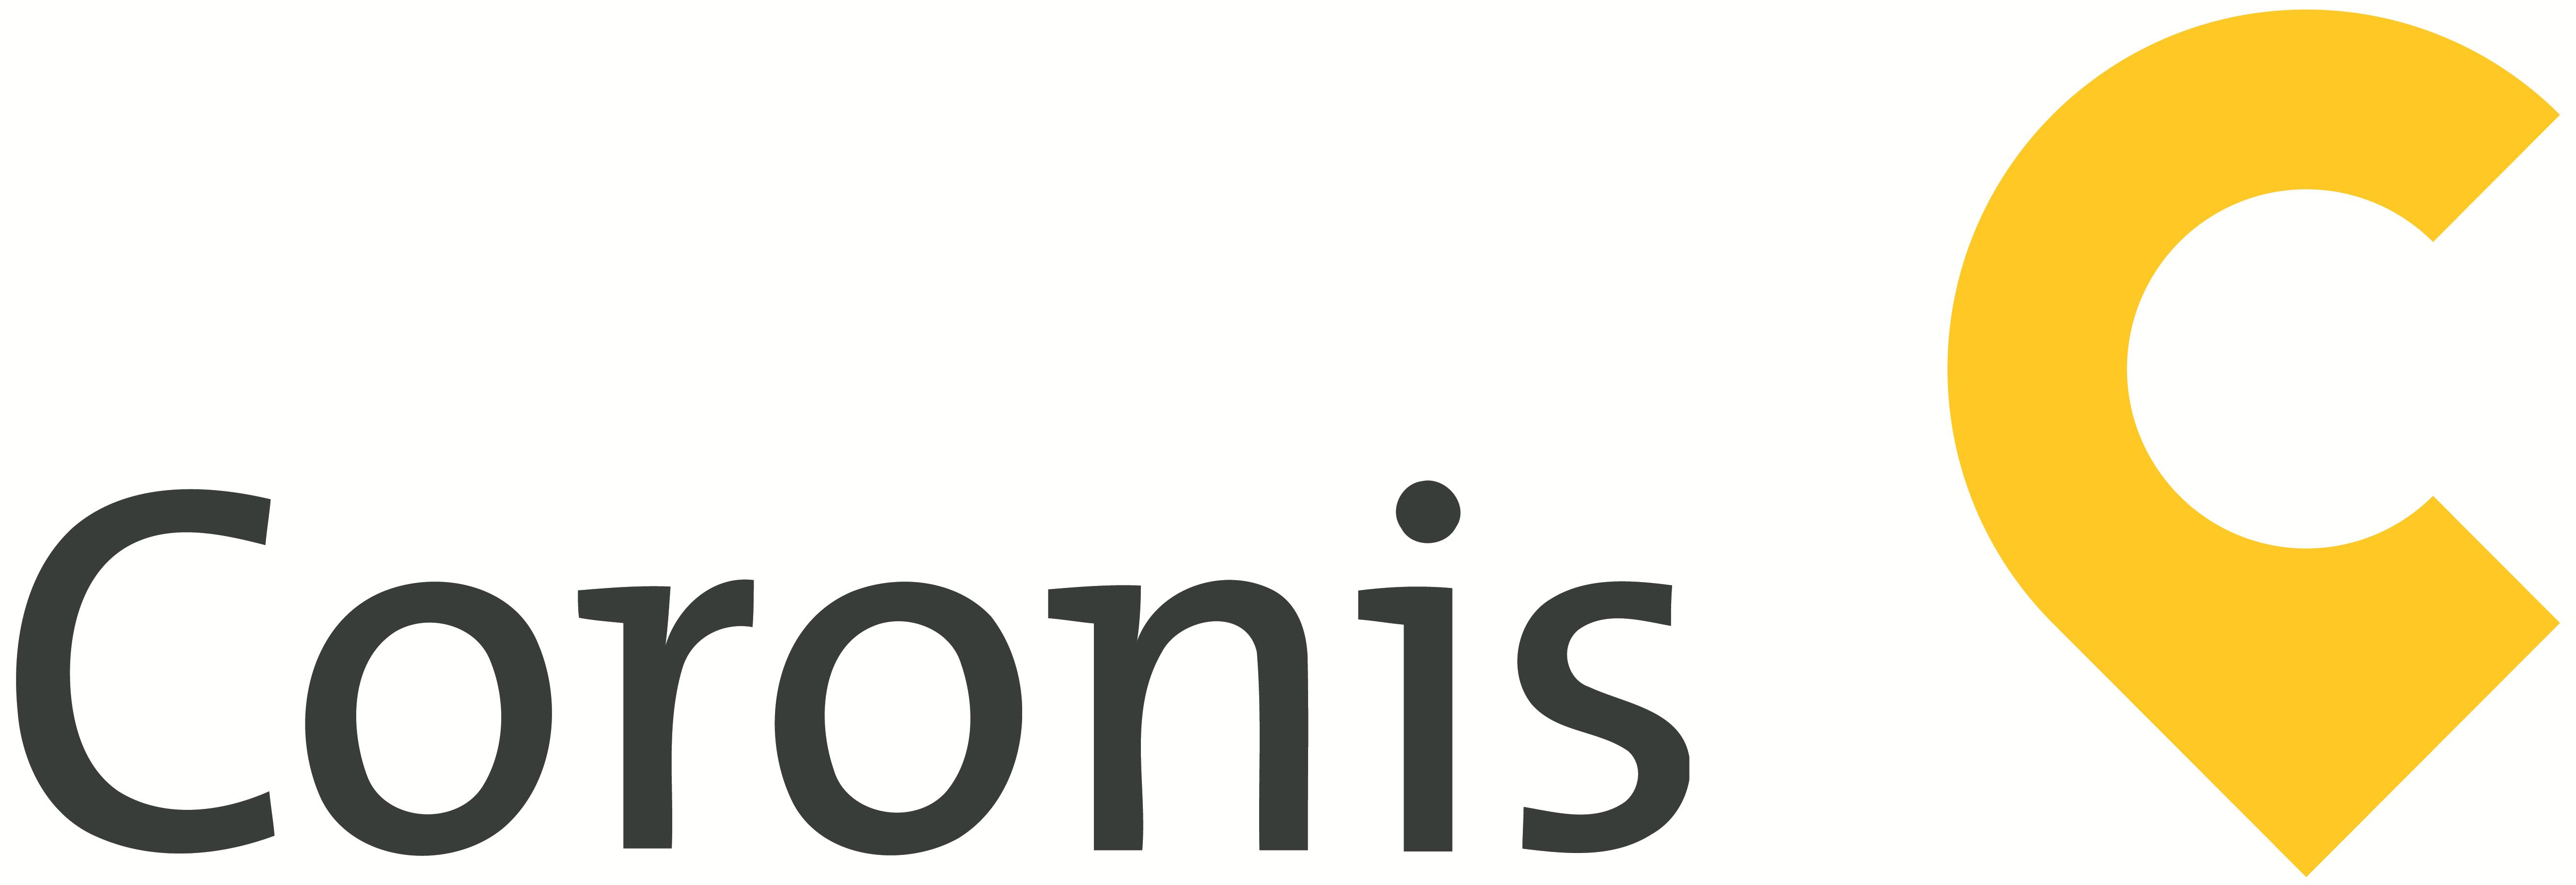 Coronis Realty, Minyama, 4575